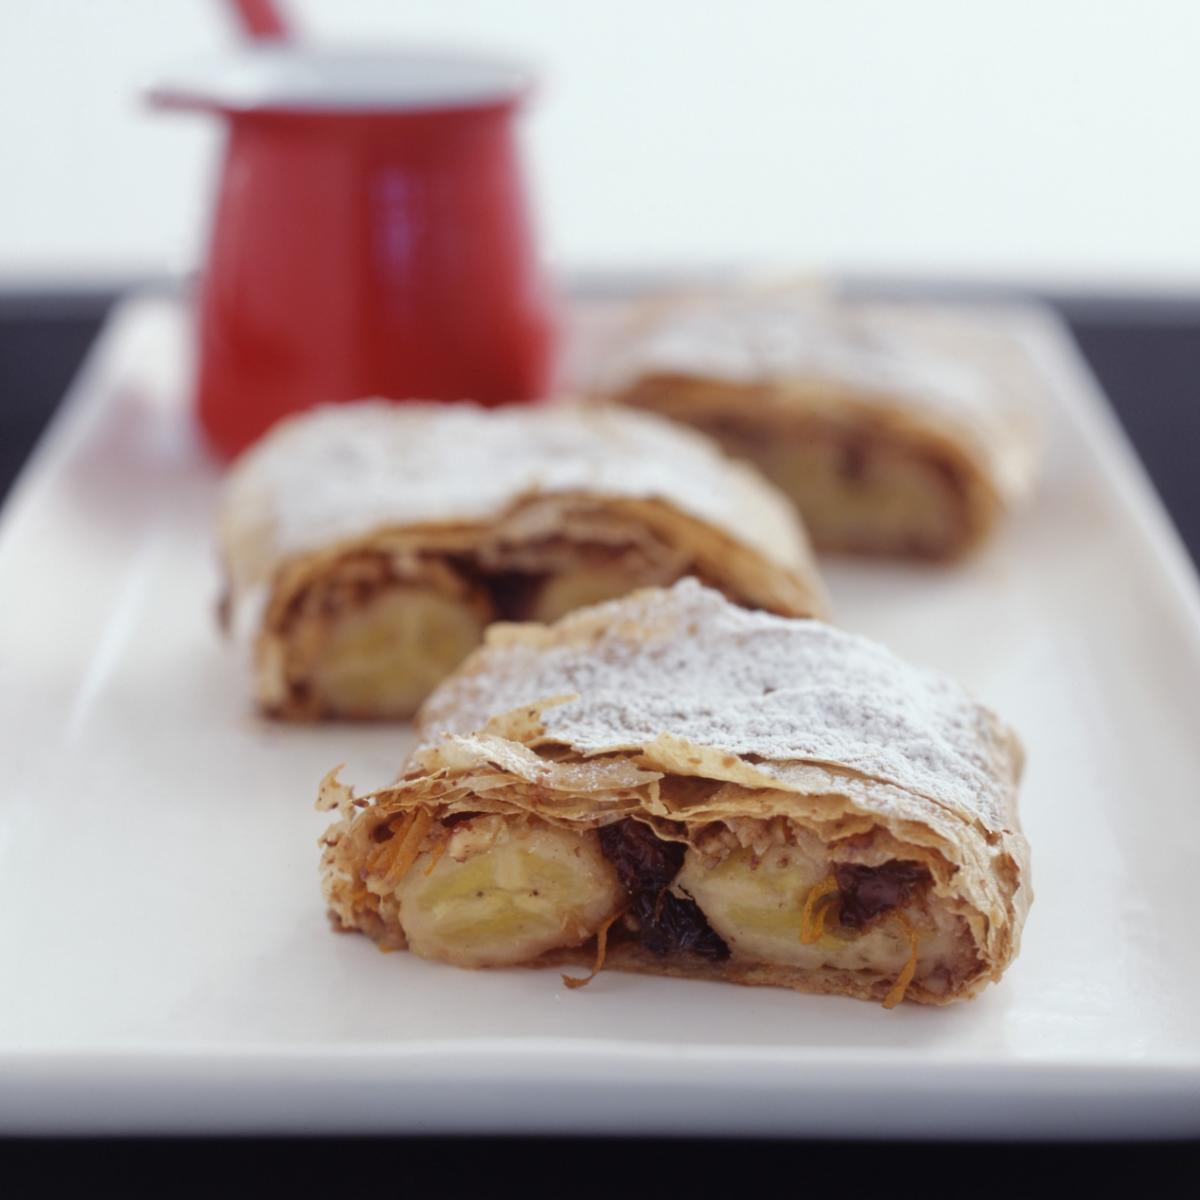 A picture of Delia's Caribbean Banana and Raisin Strudel recipe